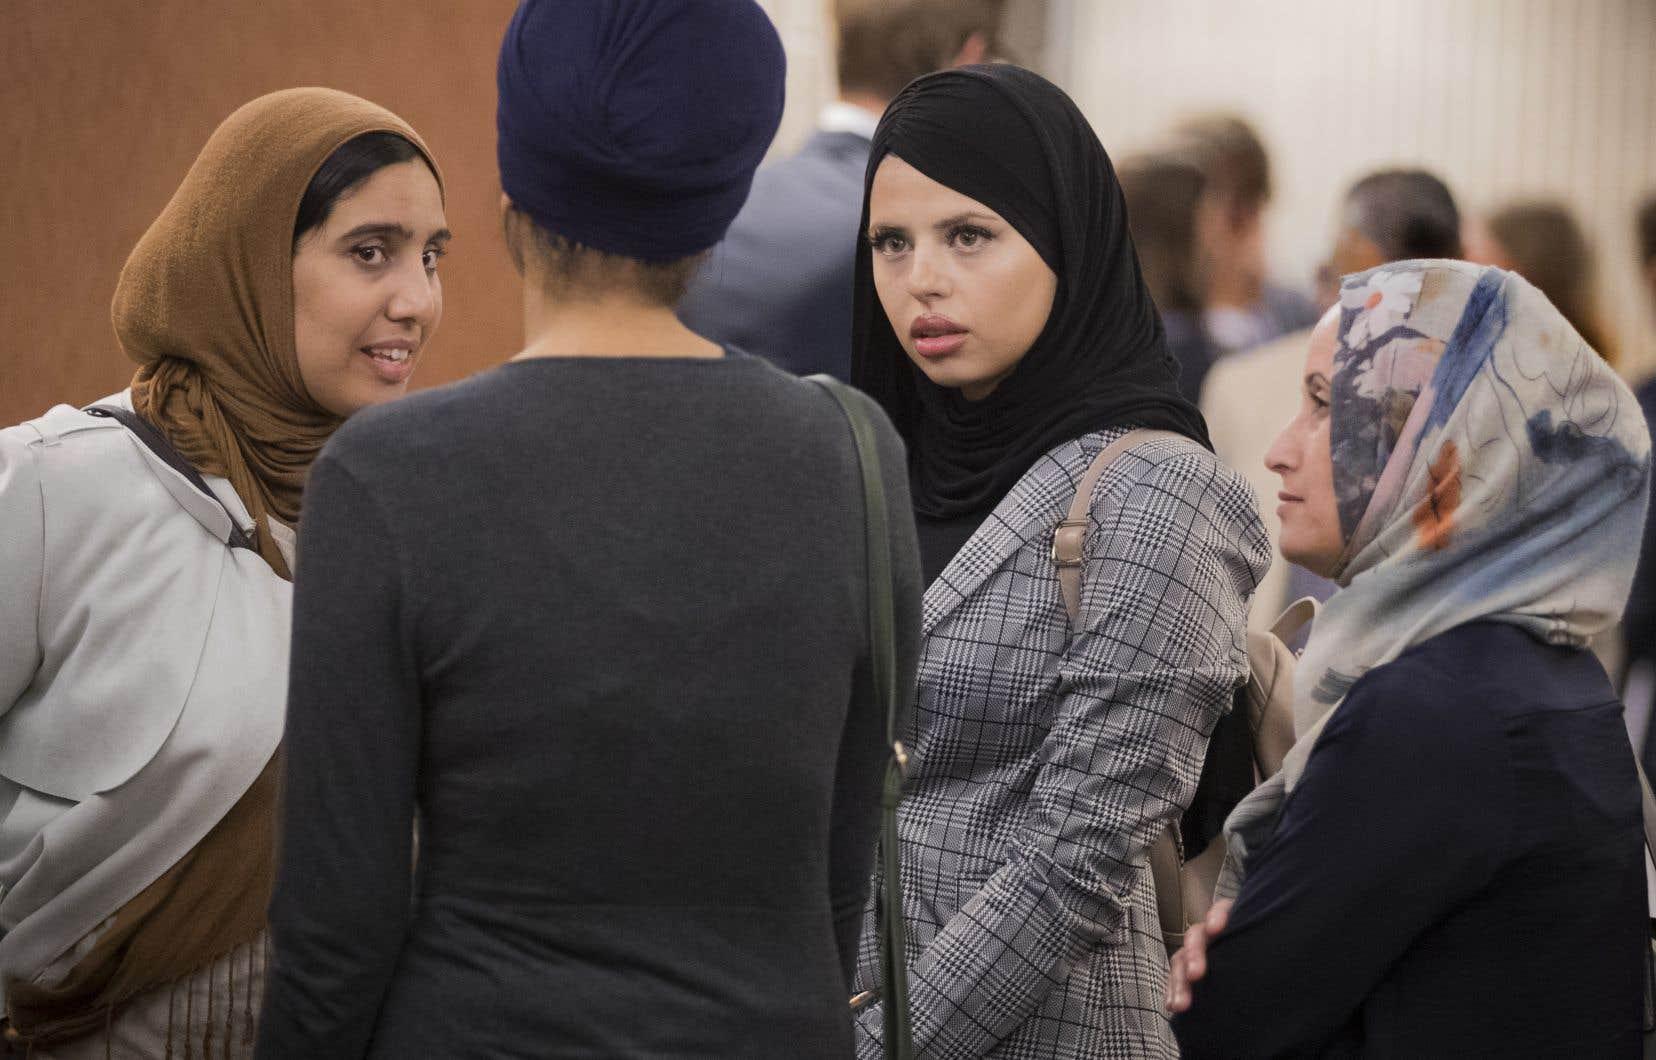 Le Conseil national des musulmans canadiens (CNMC) et l'Association canadienne des libertés civiles (ACLC)estiment que le juge Michel Yergeau a commis un certain nombre d'erreurs de droit importantes, la semaine dernière.